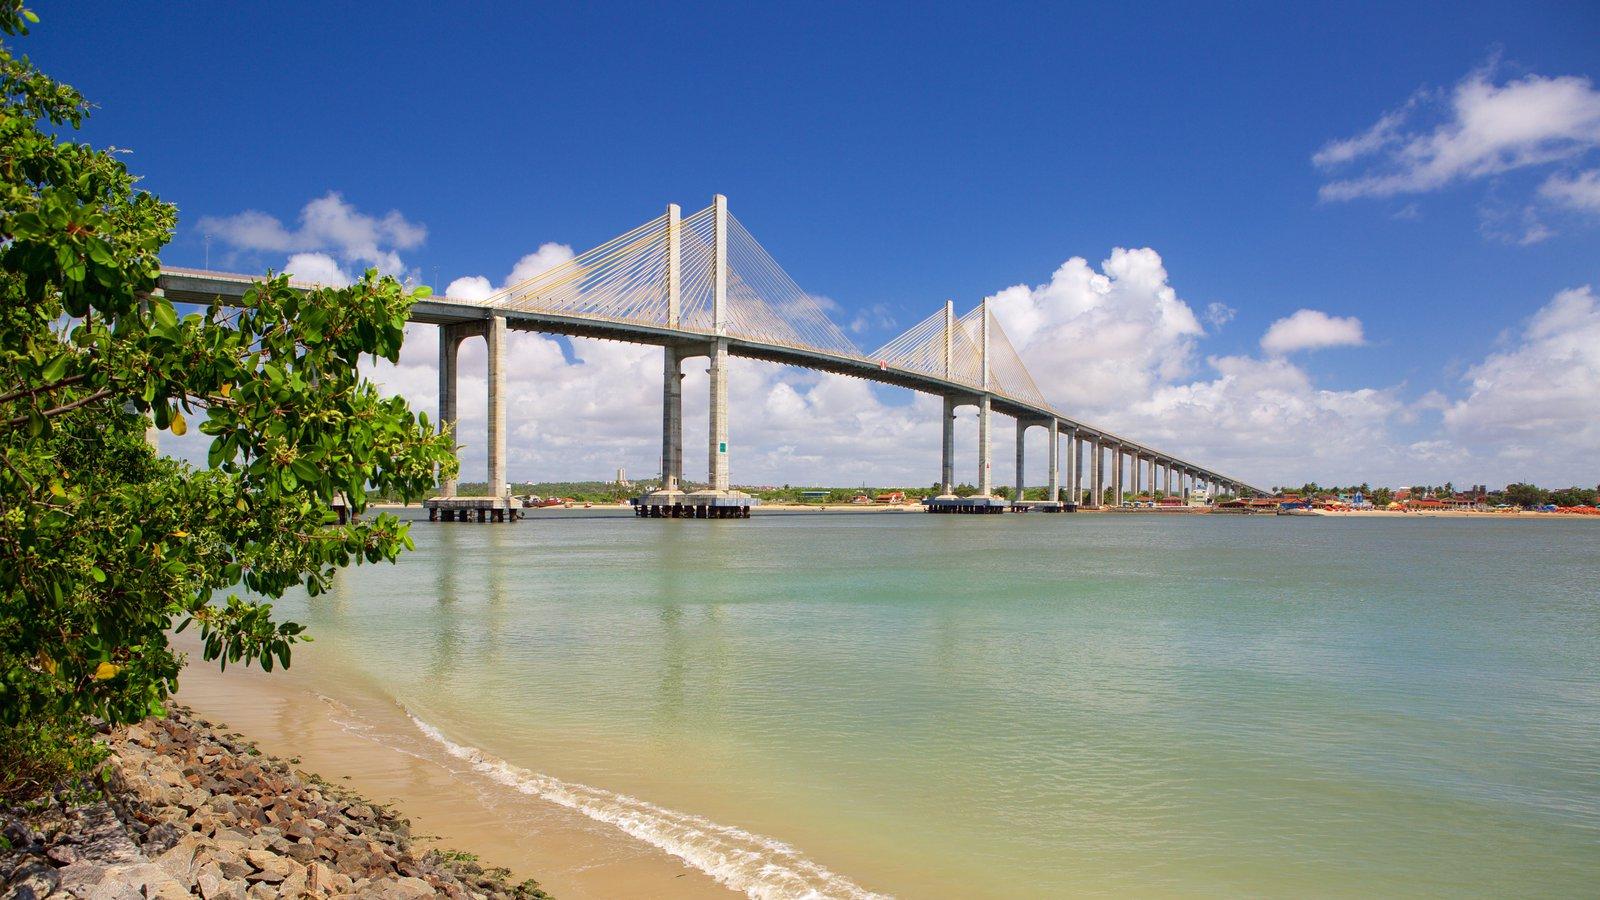 Ponte Newton Navarro que inclui uma ponte, paisagens litorâneas e uma baía ou porto